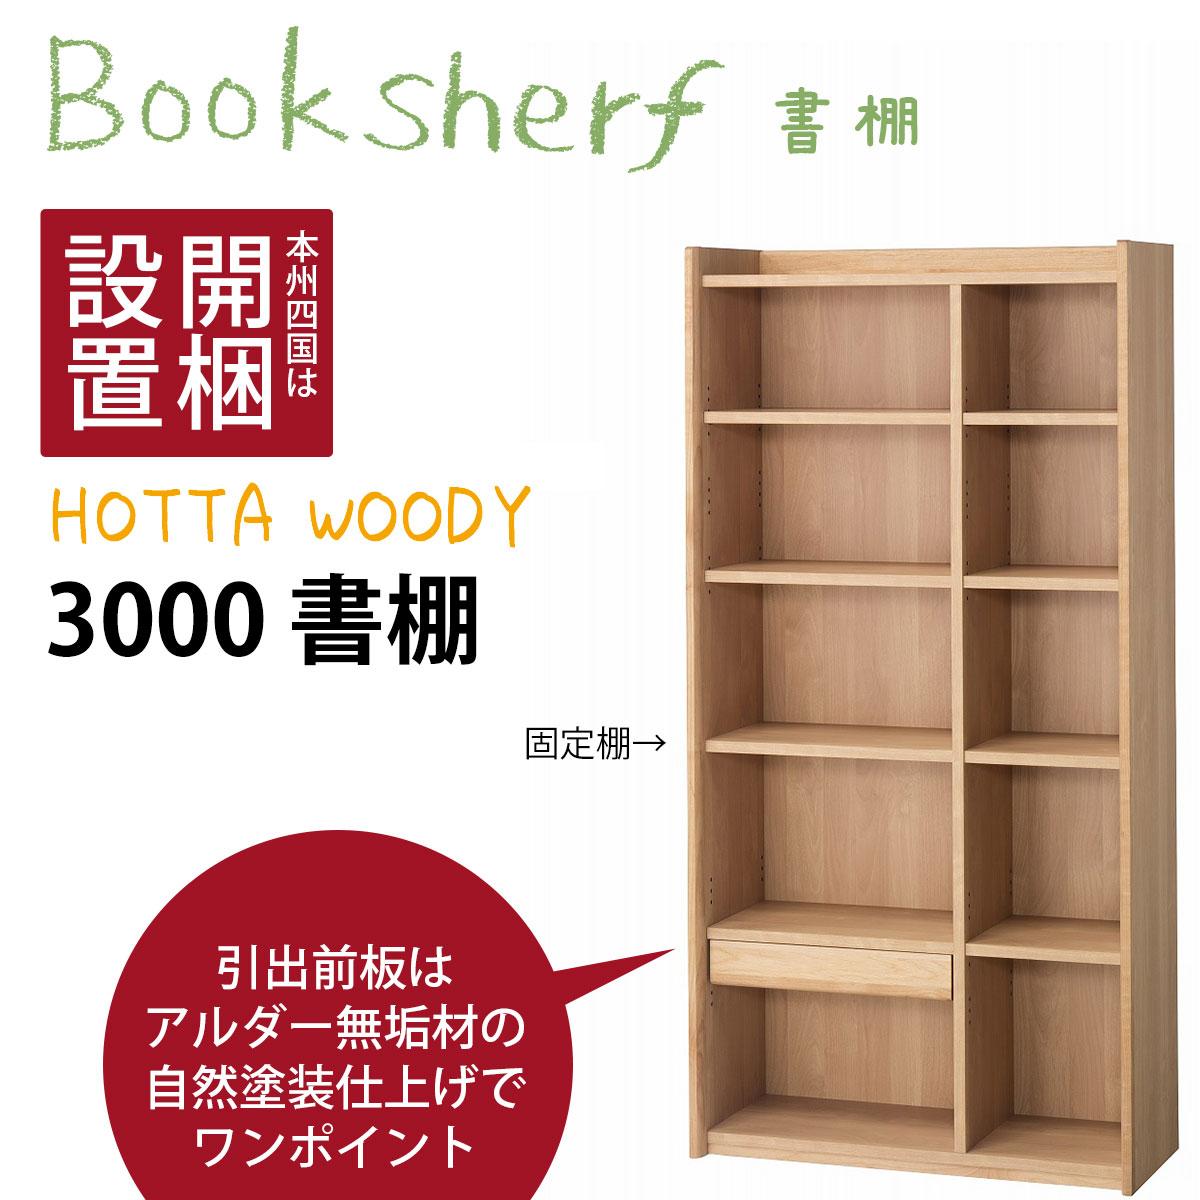 堀田木工所 ブックシェルフ  3000書棚